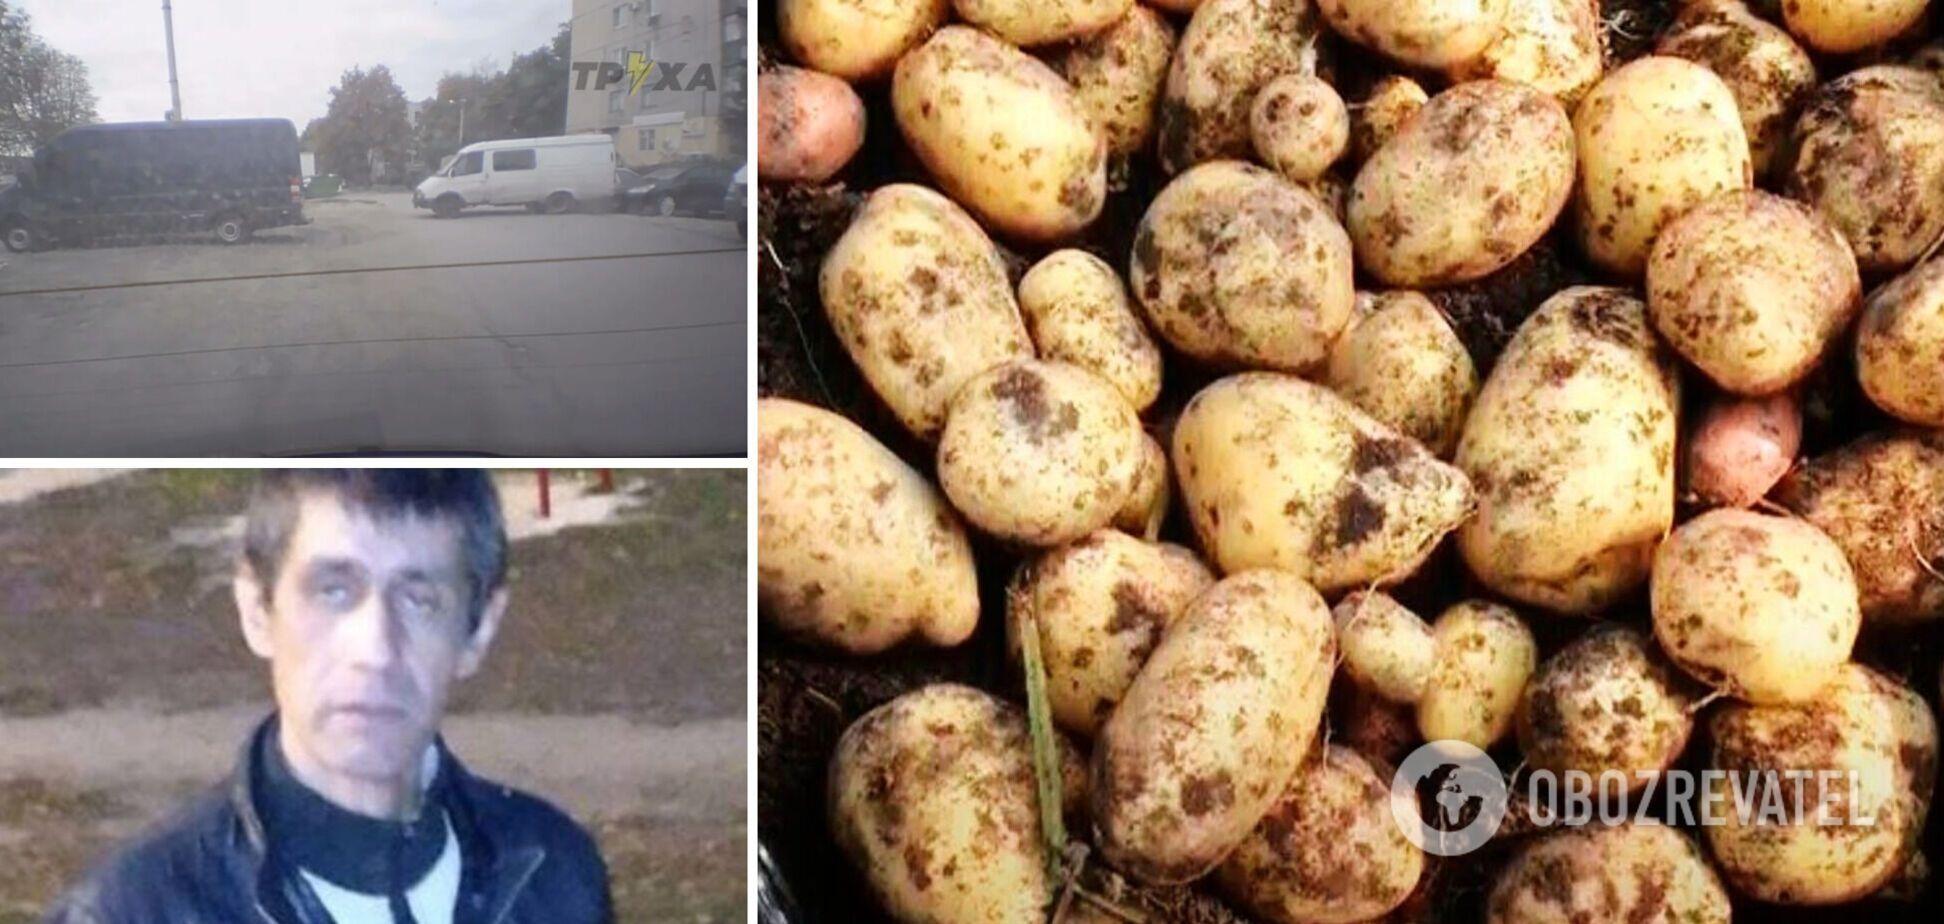 У Харкові чоловік викрав 'Газель' з картоплею: його зловили, але відпустили. Фото і відео